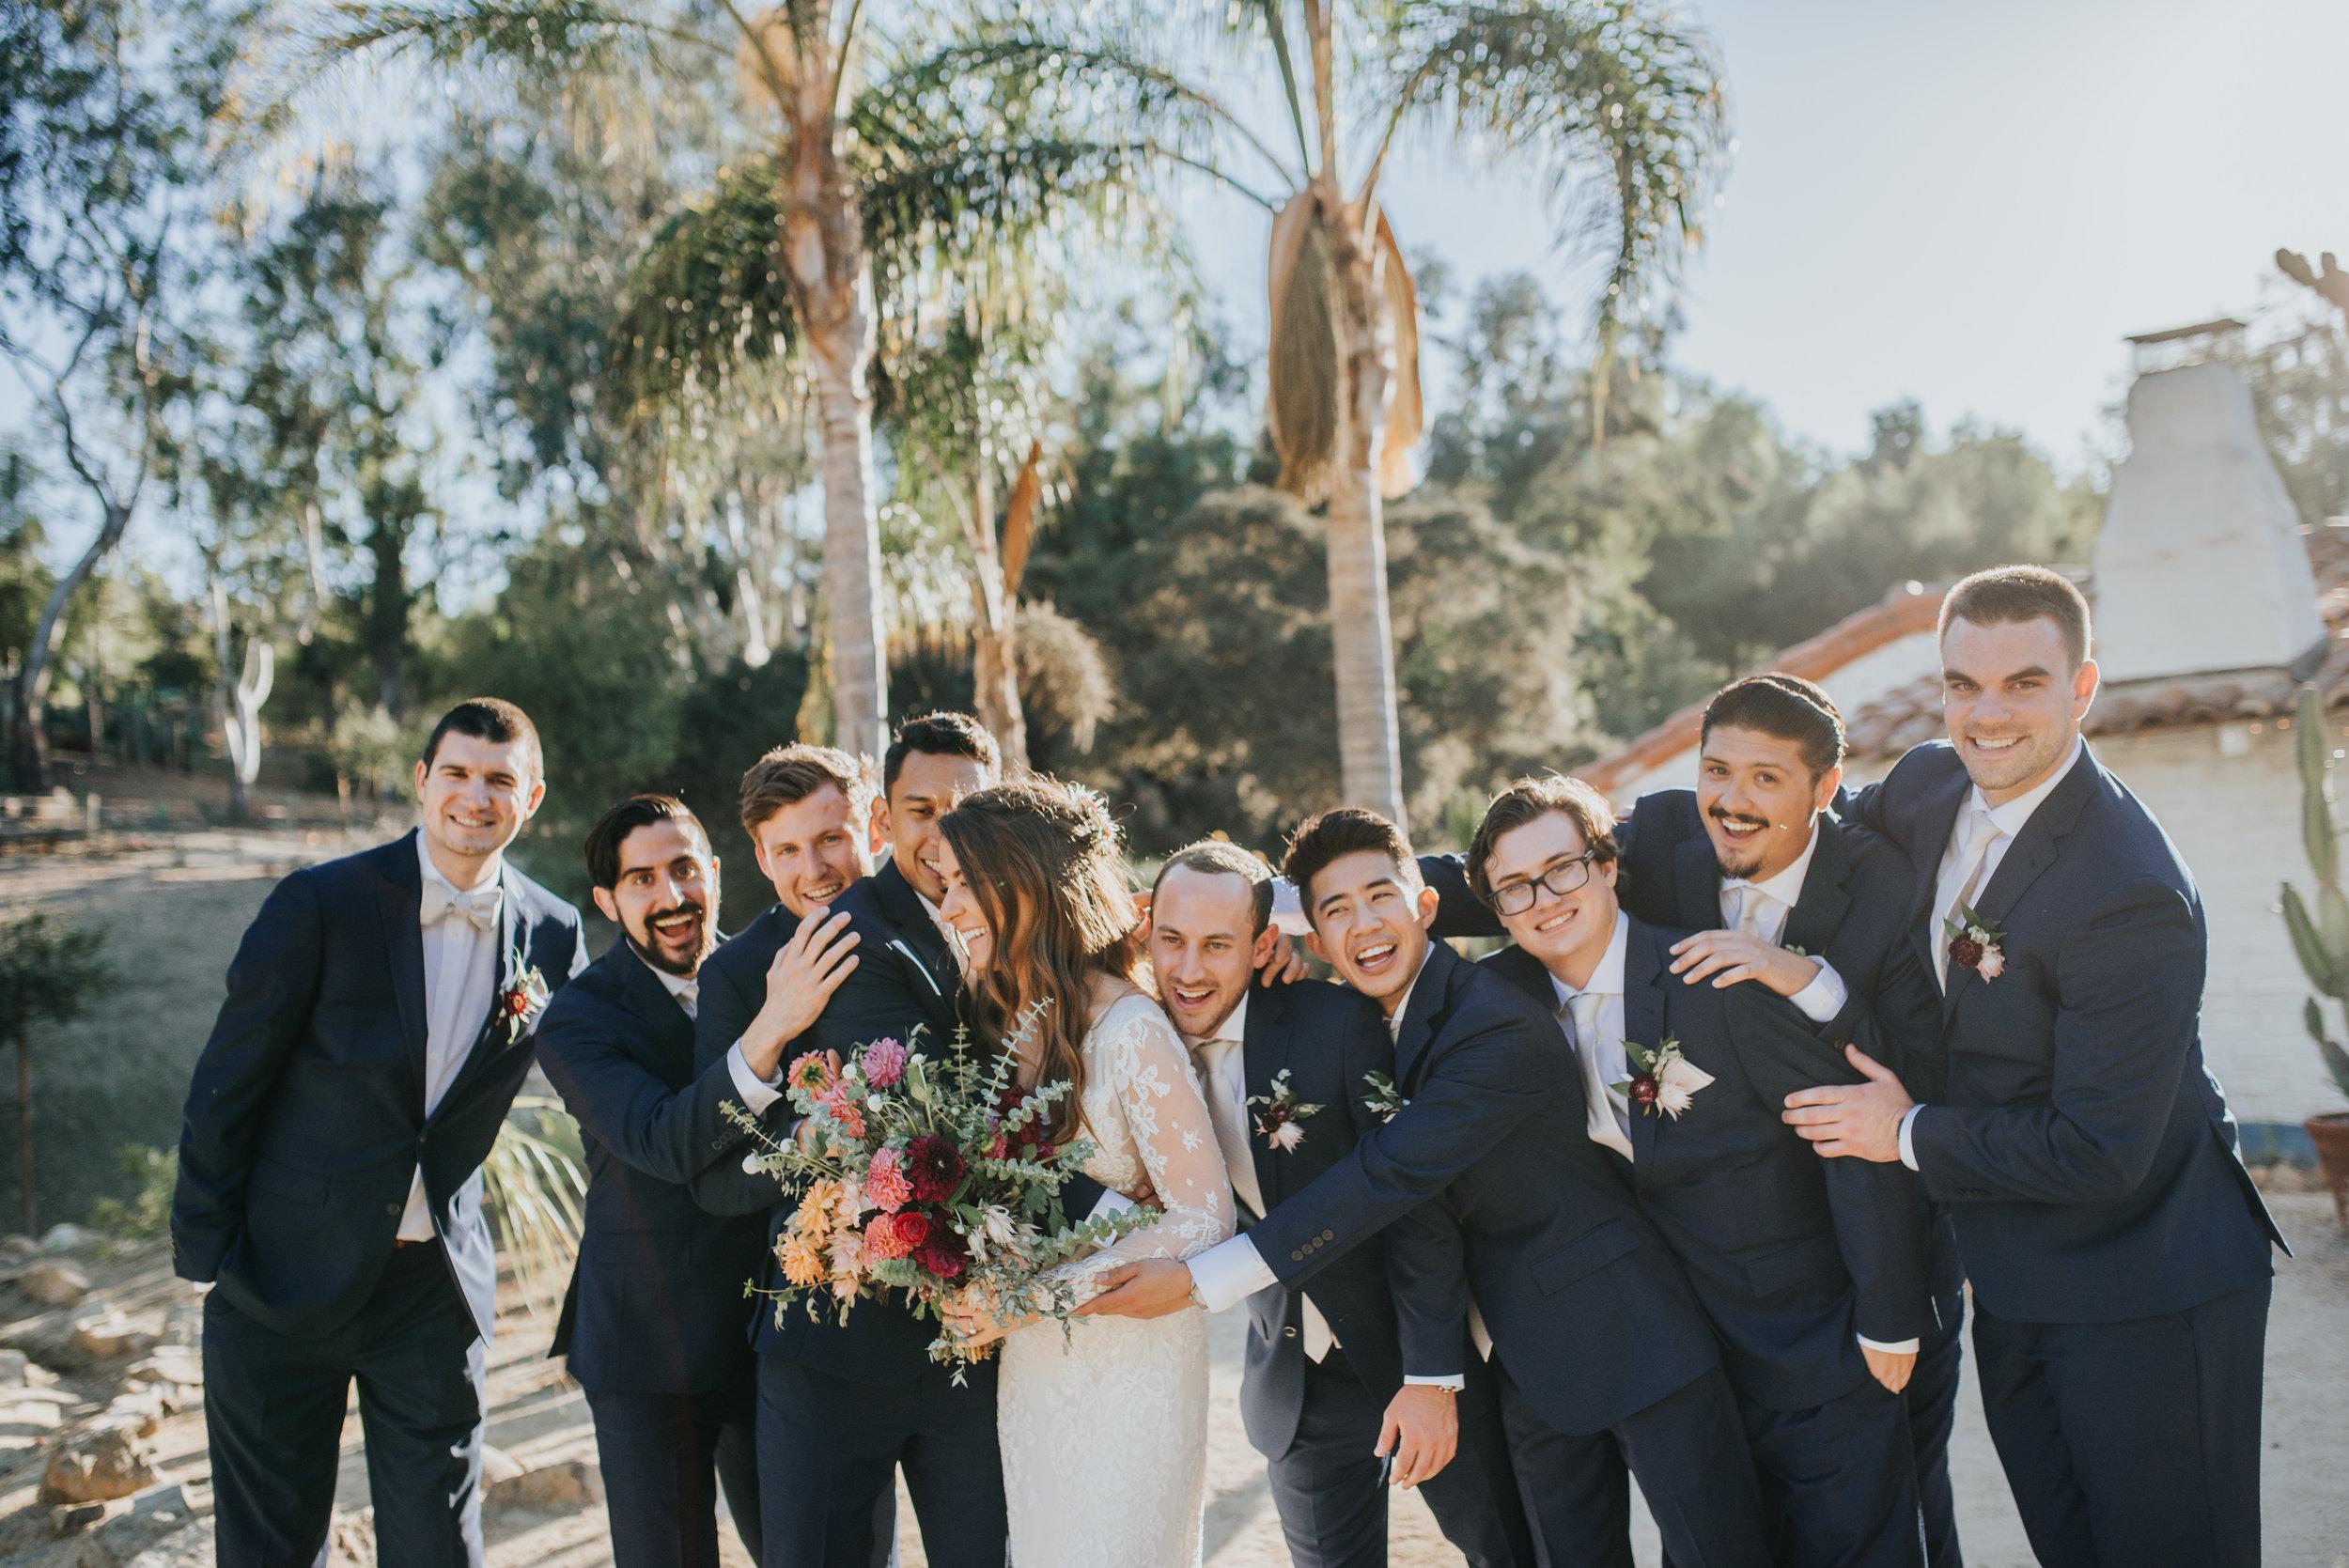 weddingparty-177.jpg